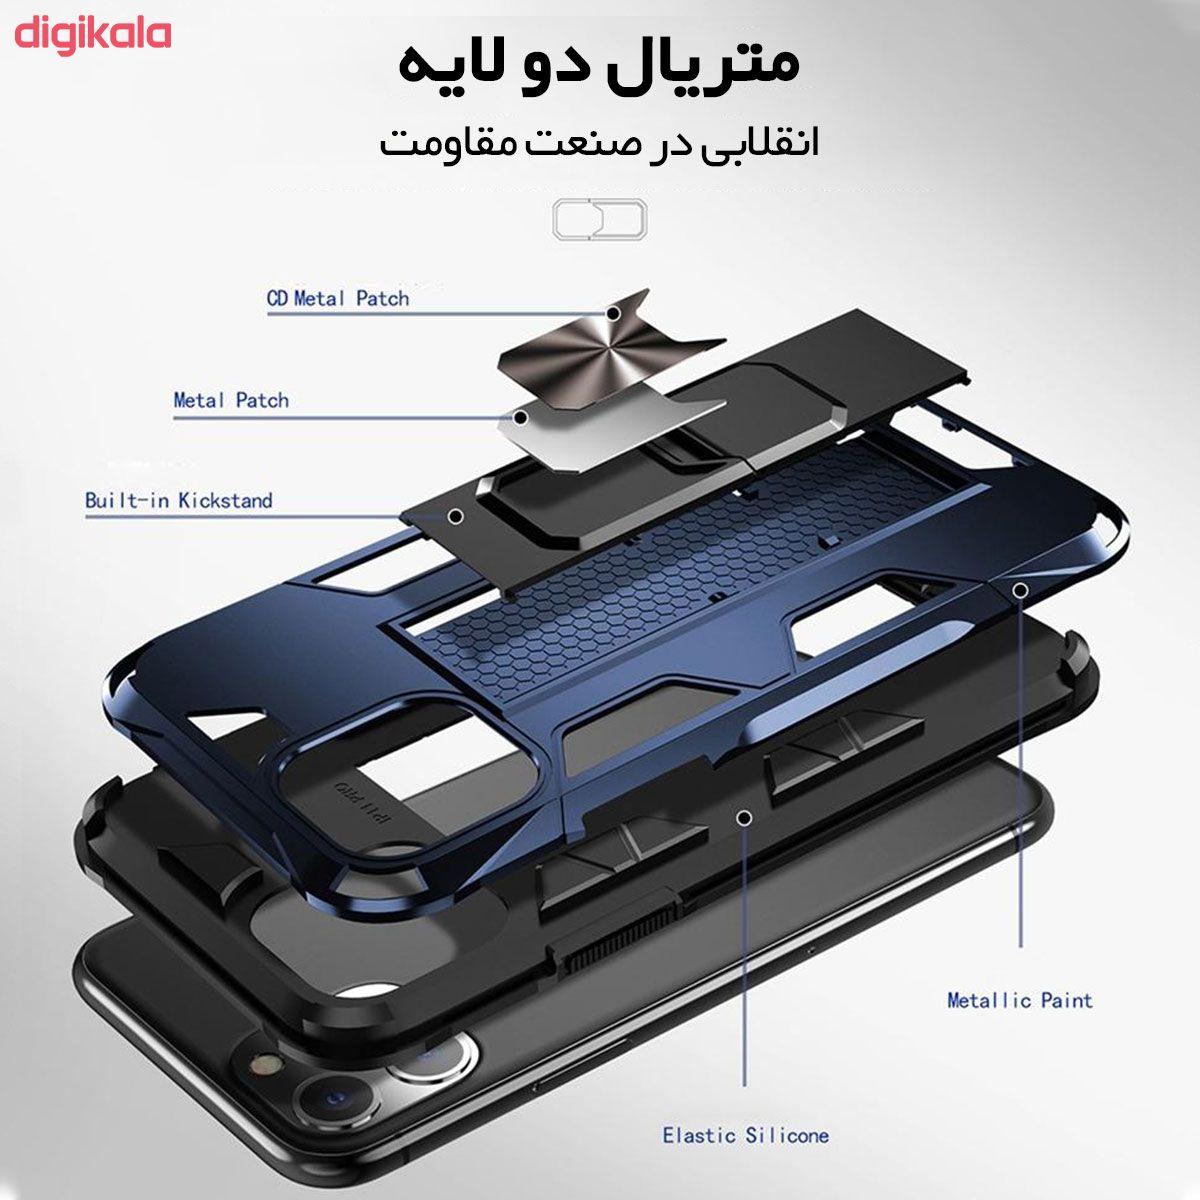 کاور لوکسار مدل Defence90s مناسب برای گوشی موبایل اپل iPhone 11 Pro main 1 4